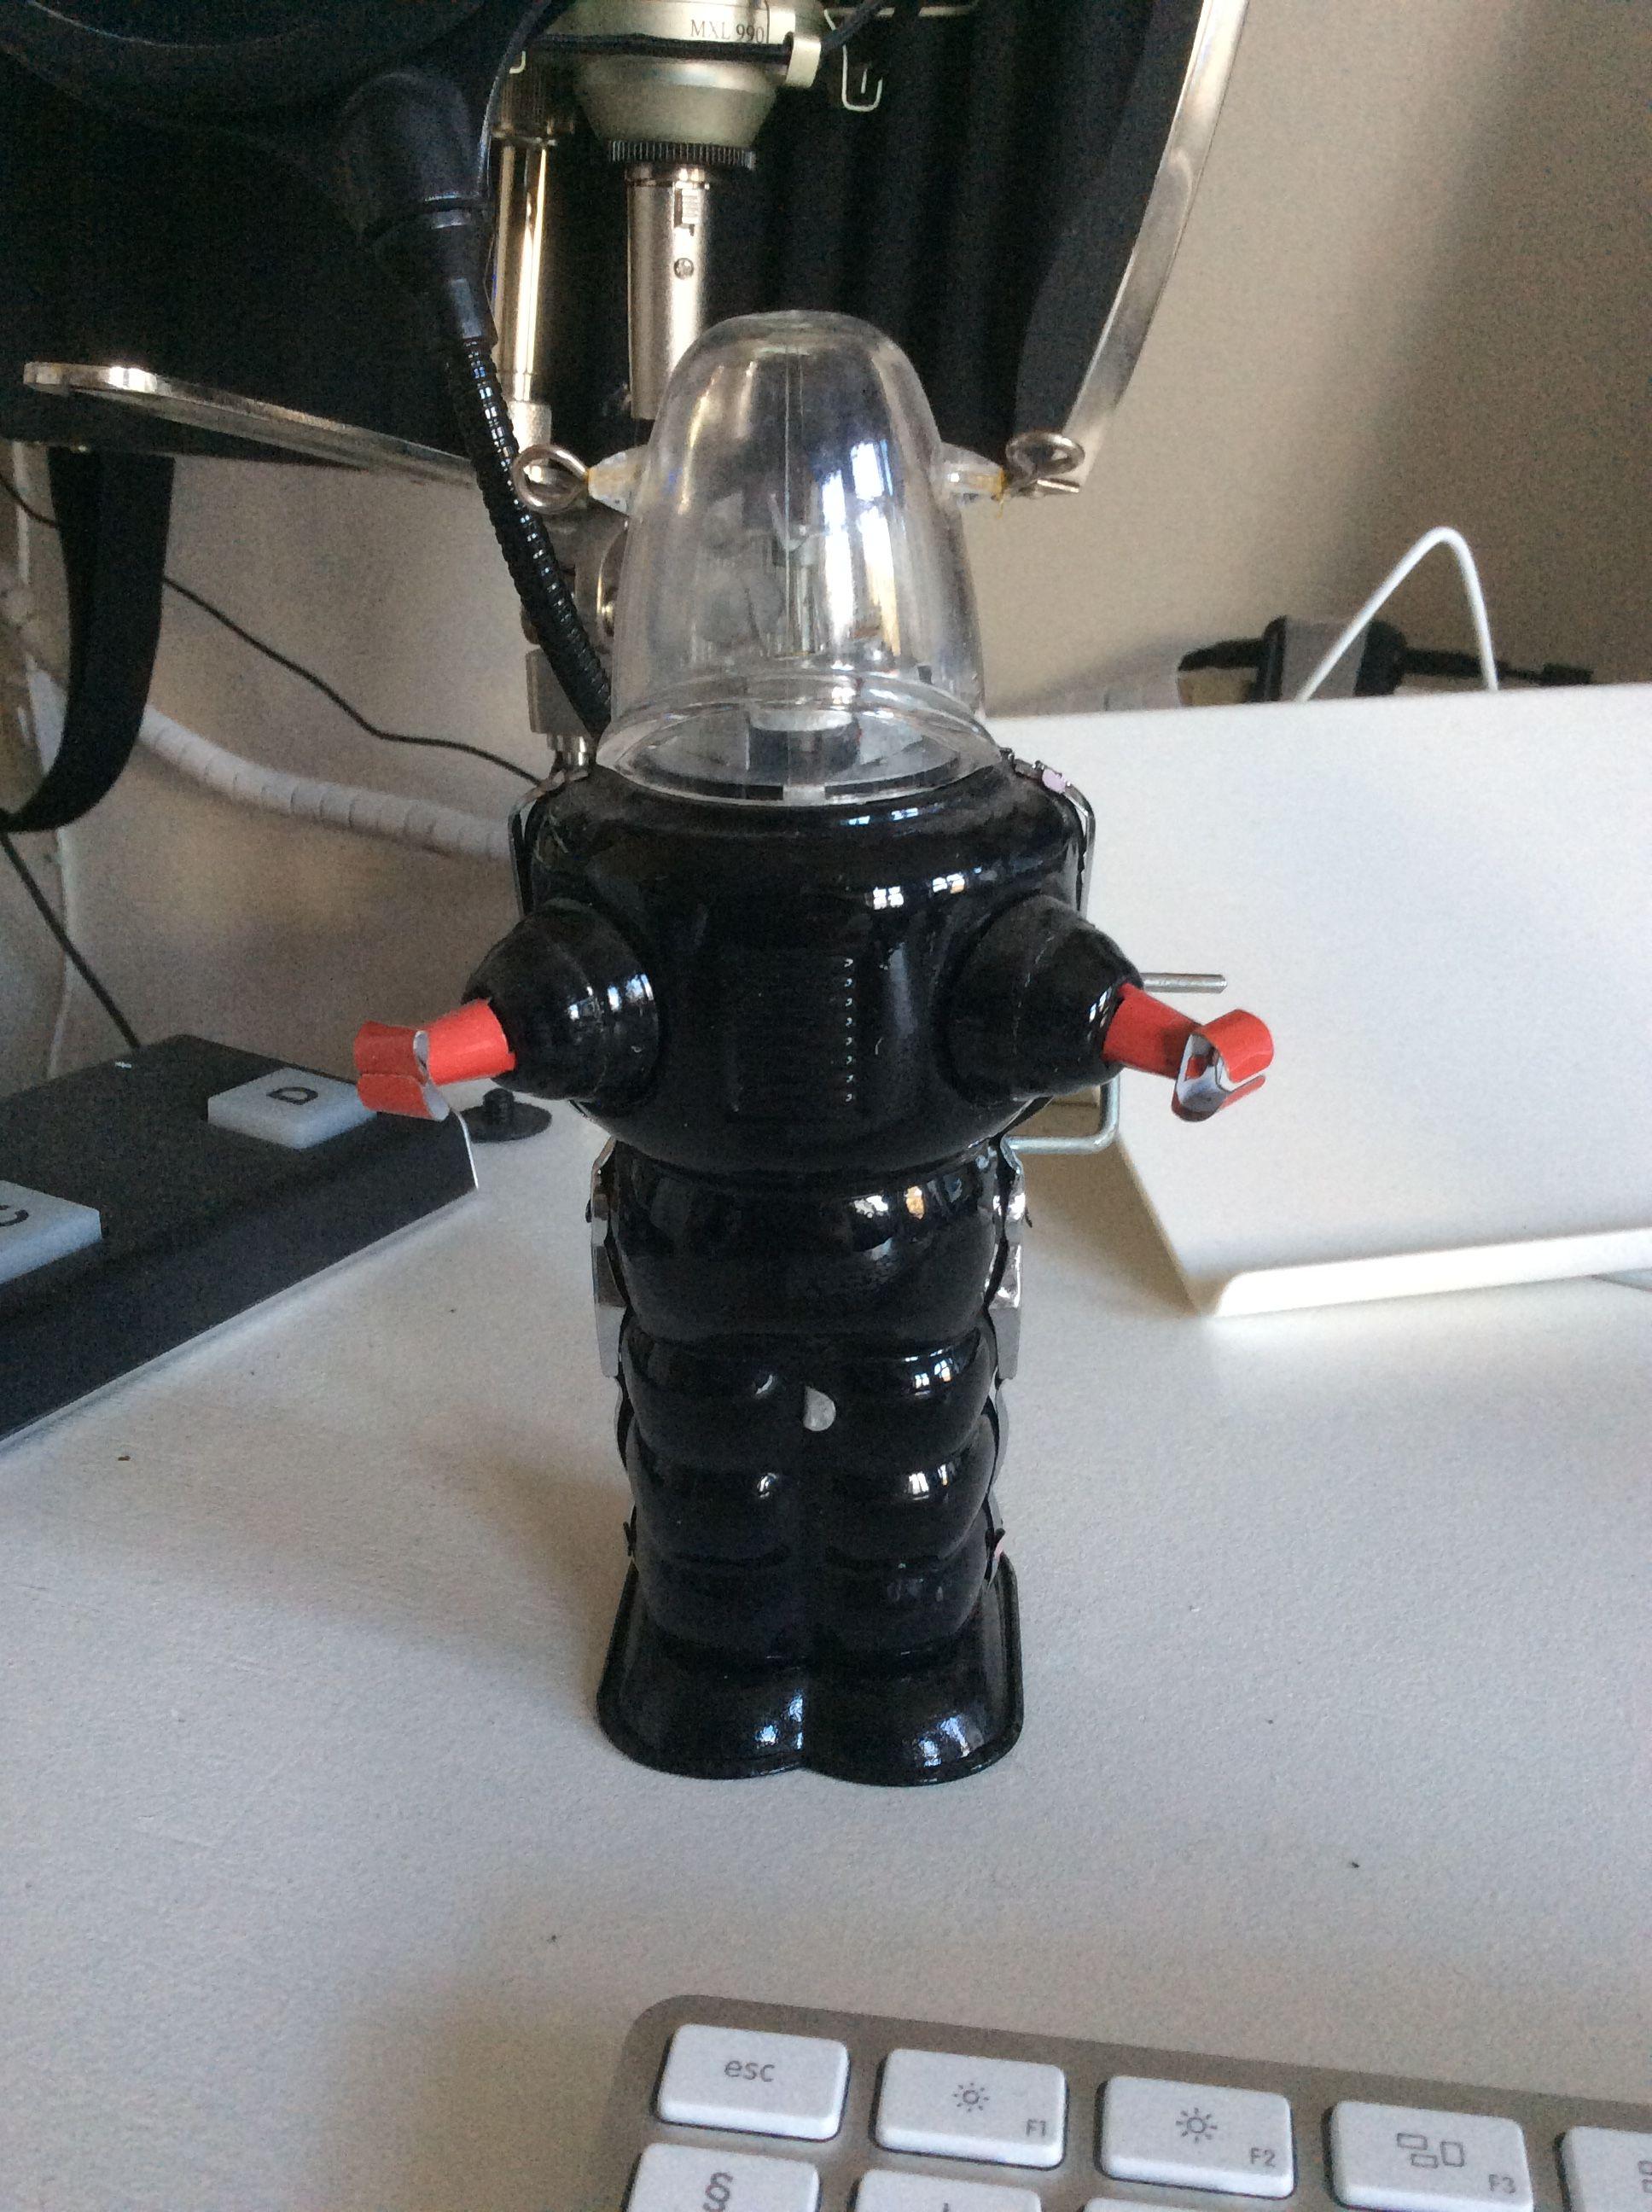 Roky Robot er opkaldt efter den mærkelige amerikanske sangskriver Roky Erickson. Roky Robot er dog ikke så mærkelig som Roky Erickson. Han kan godt li' Blomster.